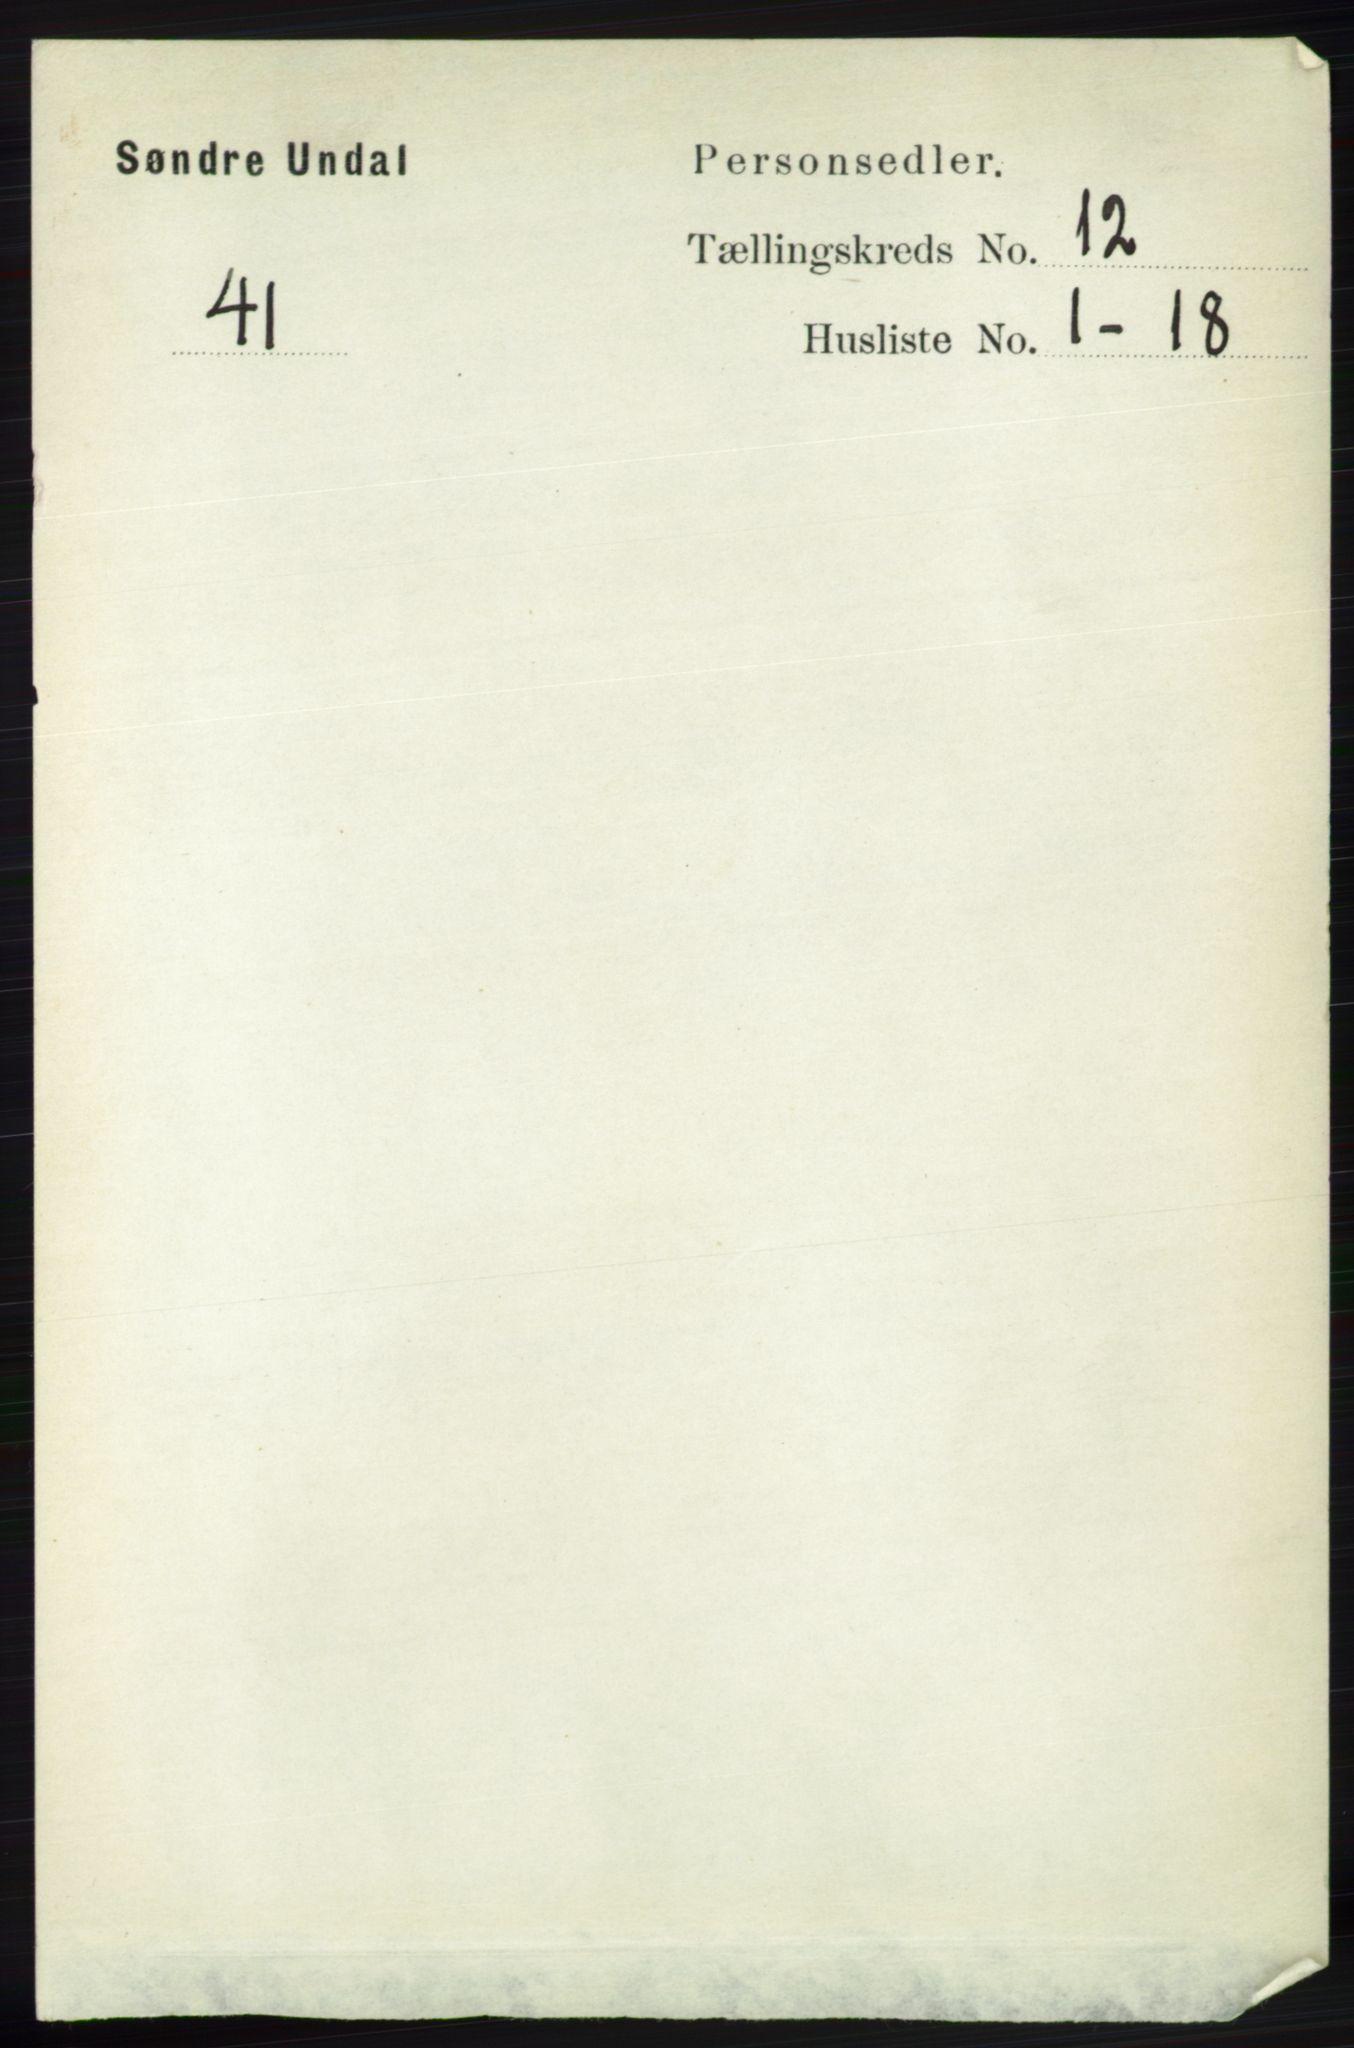 RA, Folketelling 1891 for 1029 Sør-Audnedal herred, 1891, s. 5500